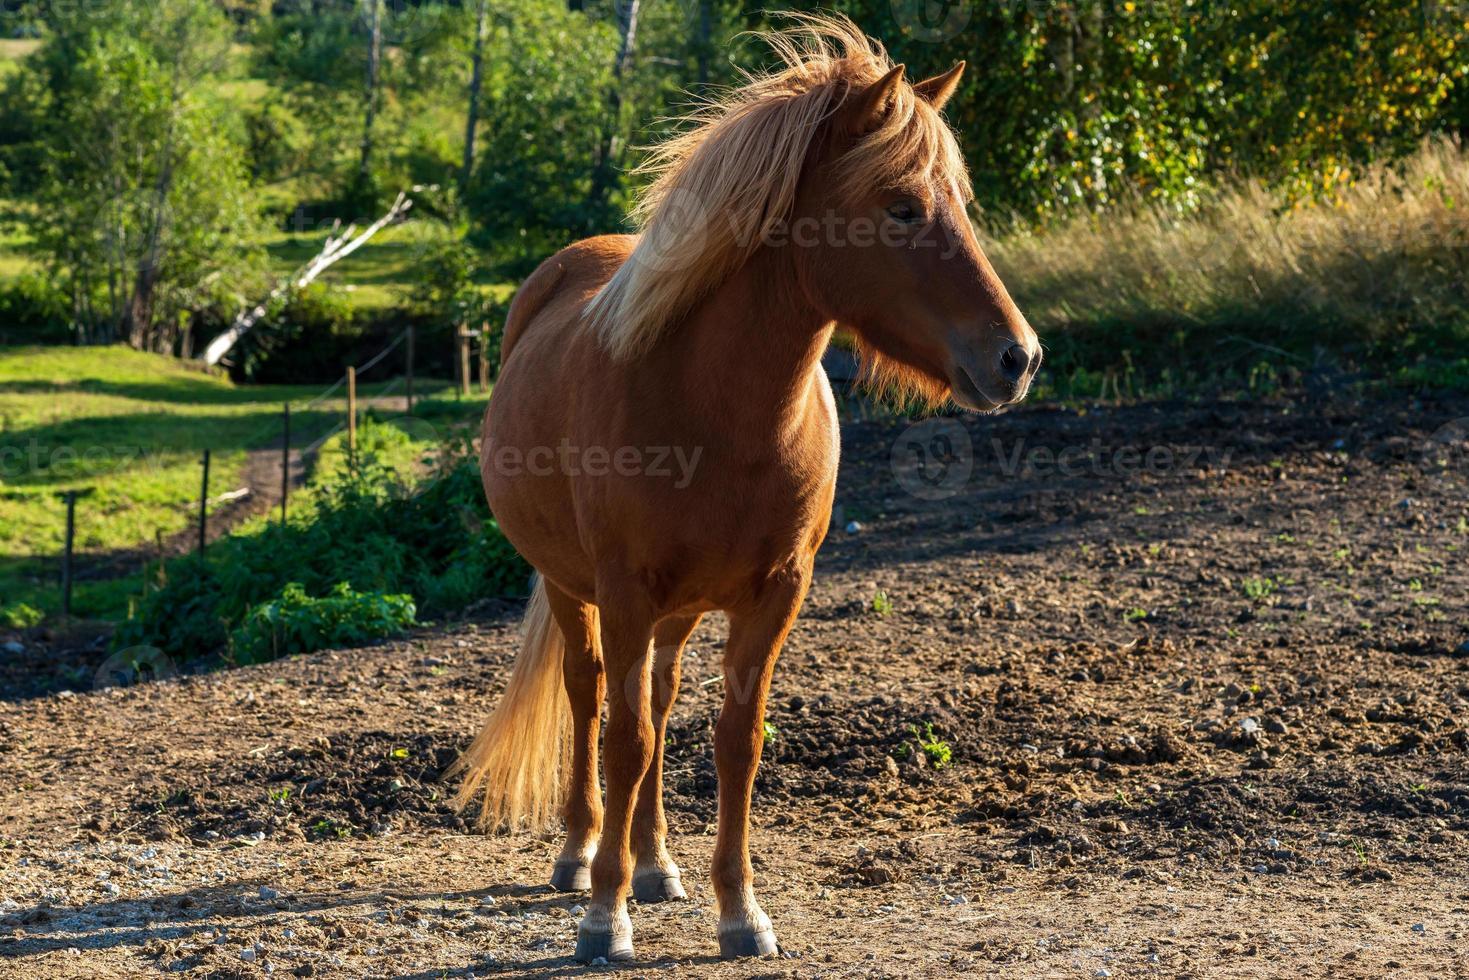 bellissimo cavallo islandese color castagna in un pascolo estivo foto